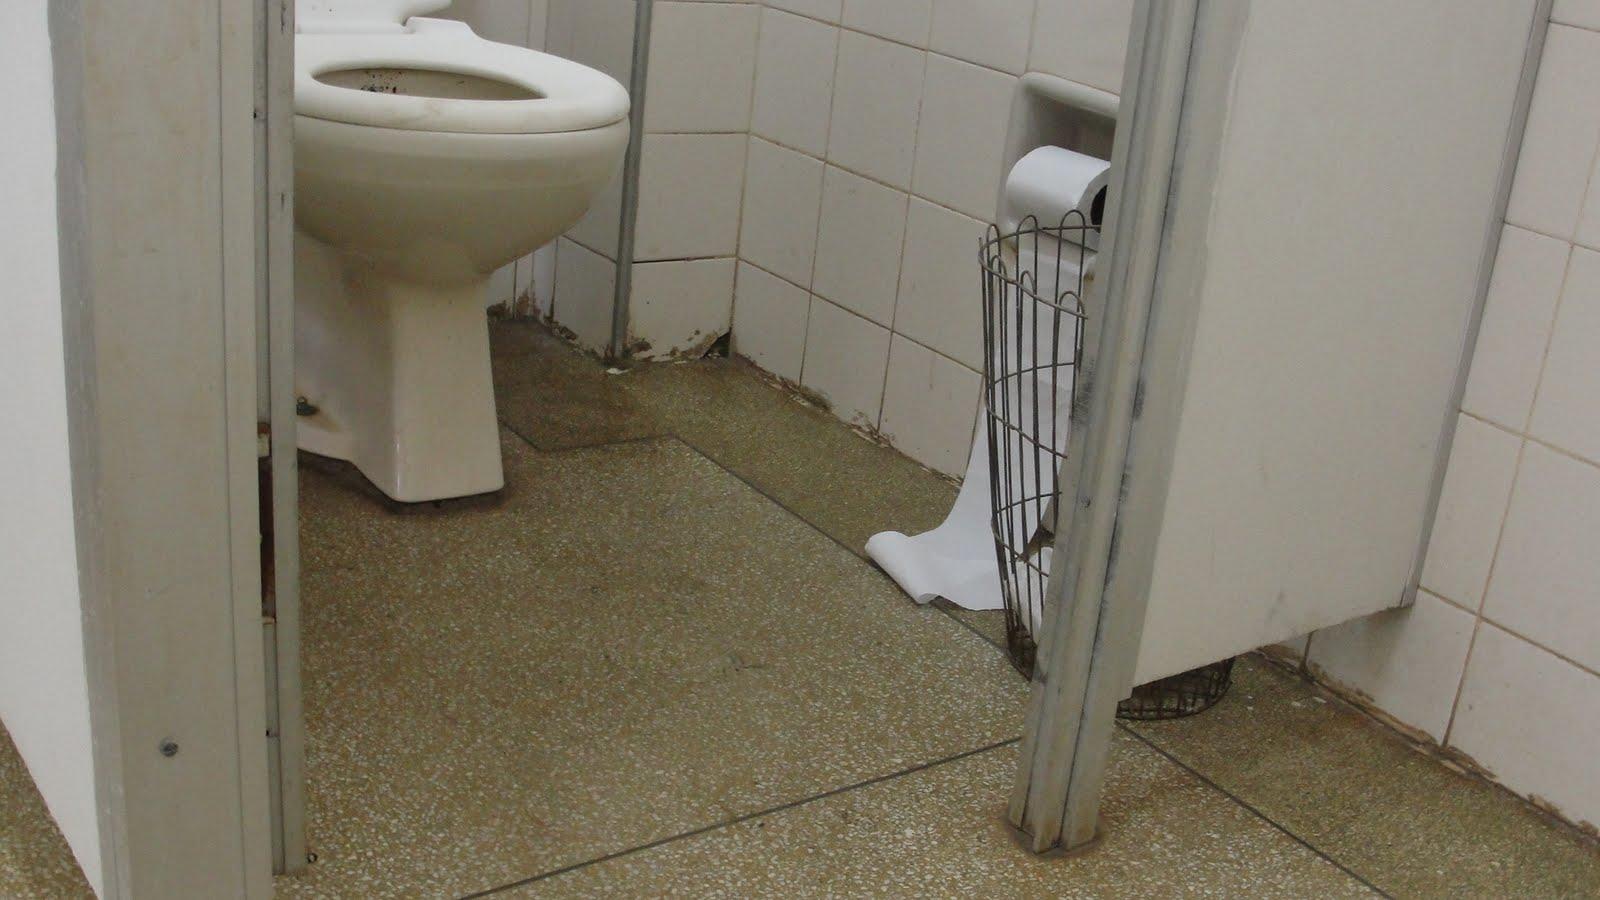 #5B5038  em Uberaba não possui banheiro adaptado a deficientes físicos 1600x900 px Banheiro Para Deficiente Cad 2587